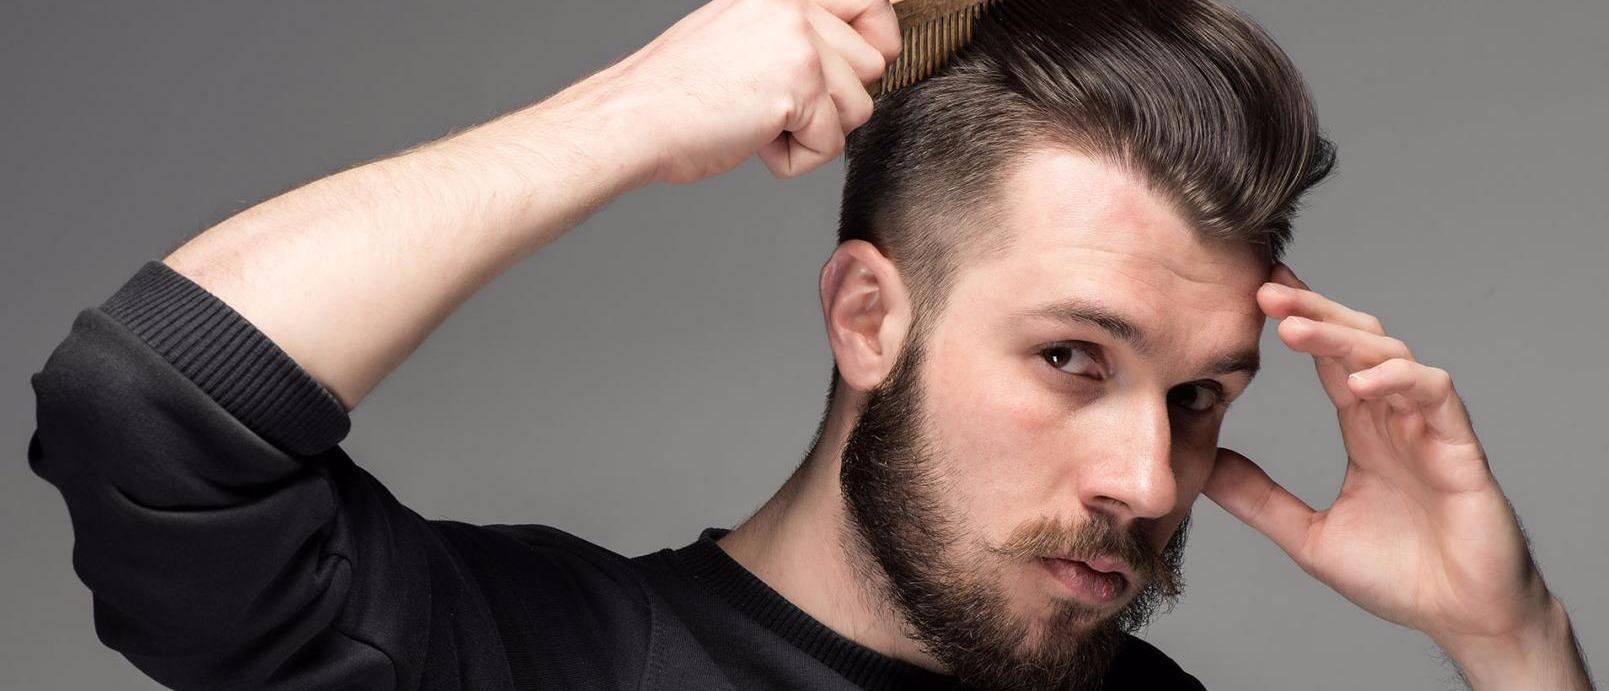 perte de cheveux homme peut tre tes vous en manque de